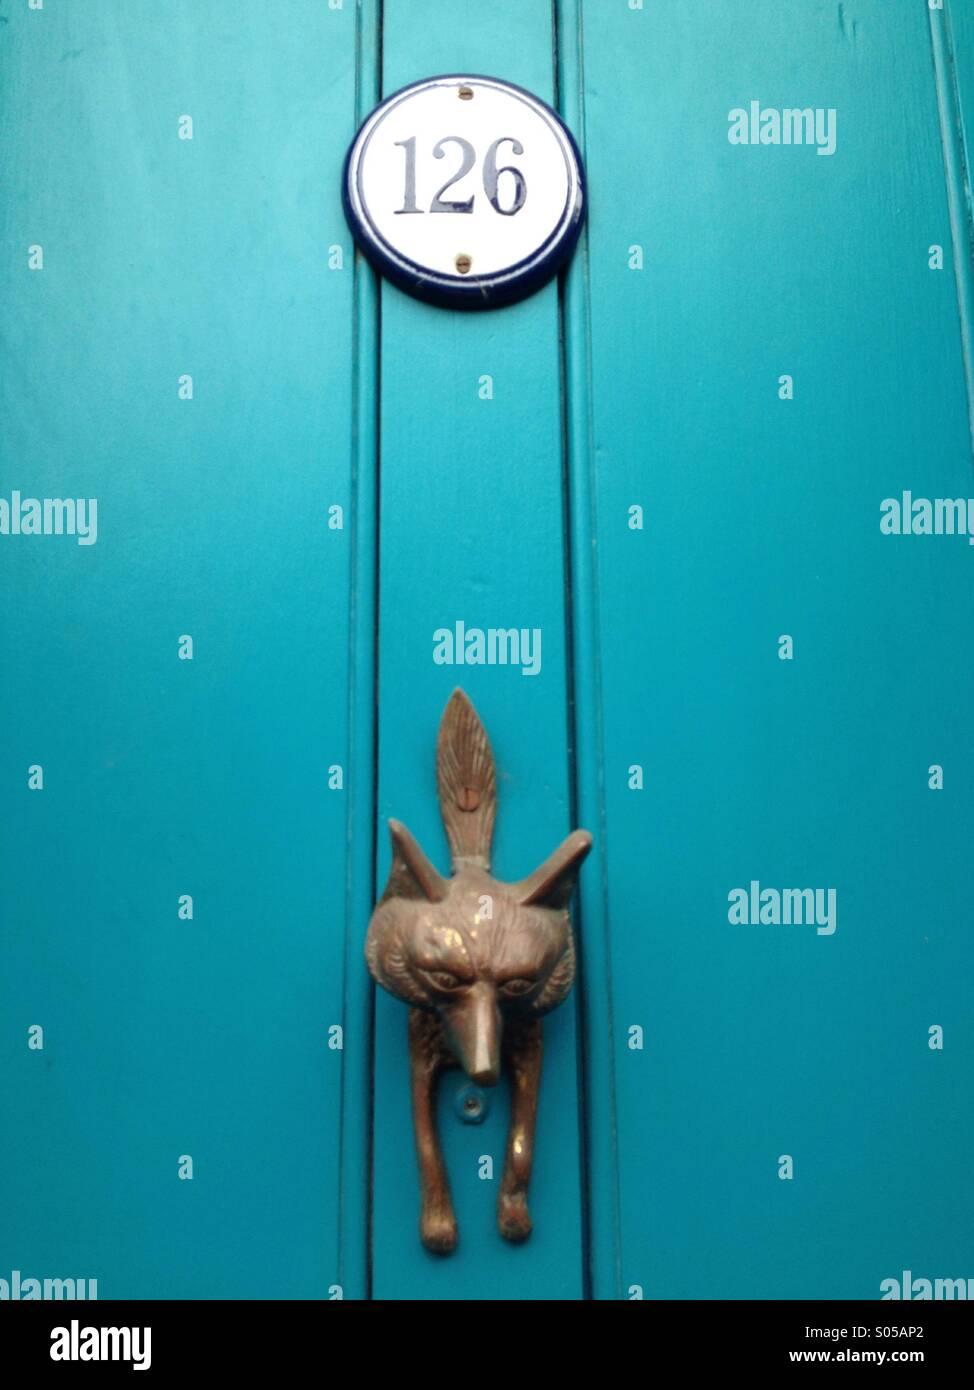 Fox Door Knocker On A Blue Door, Number 126